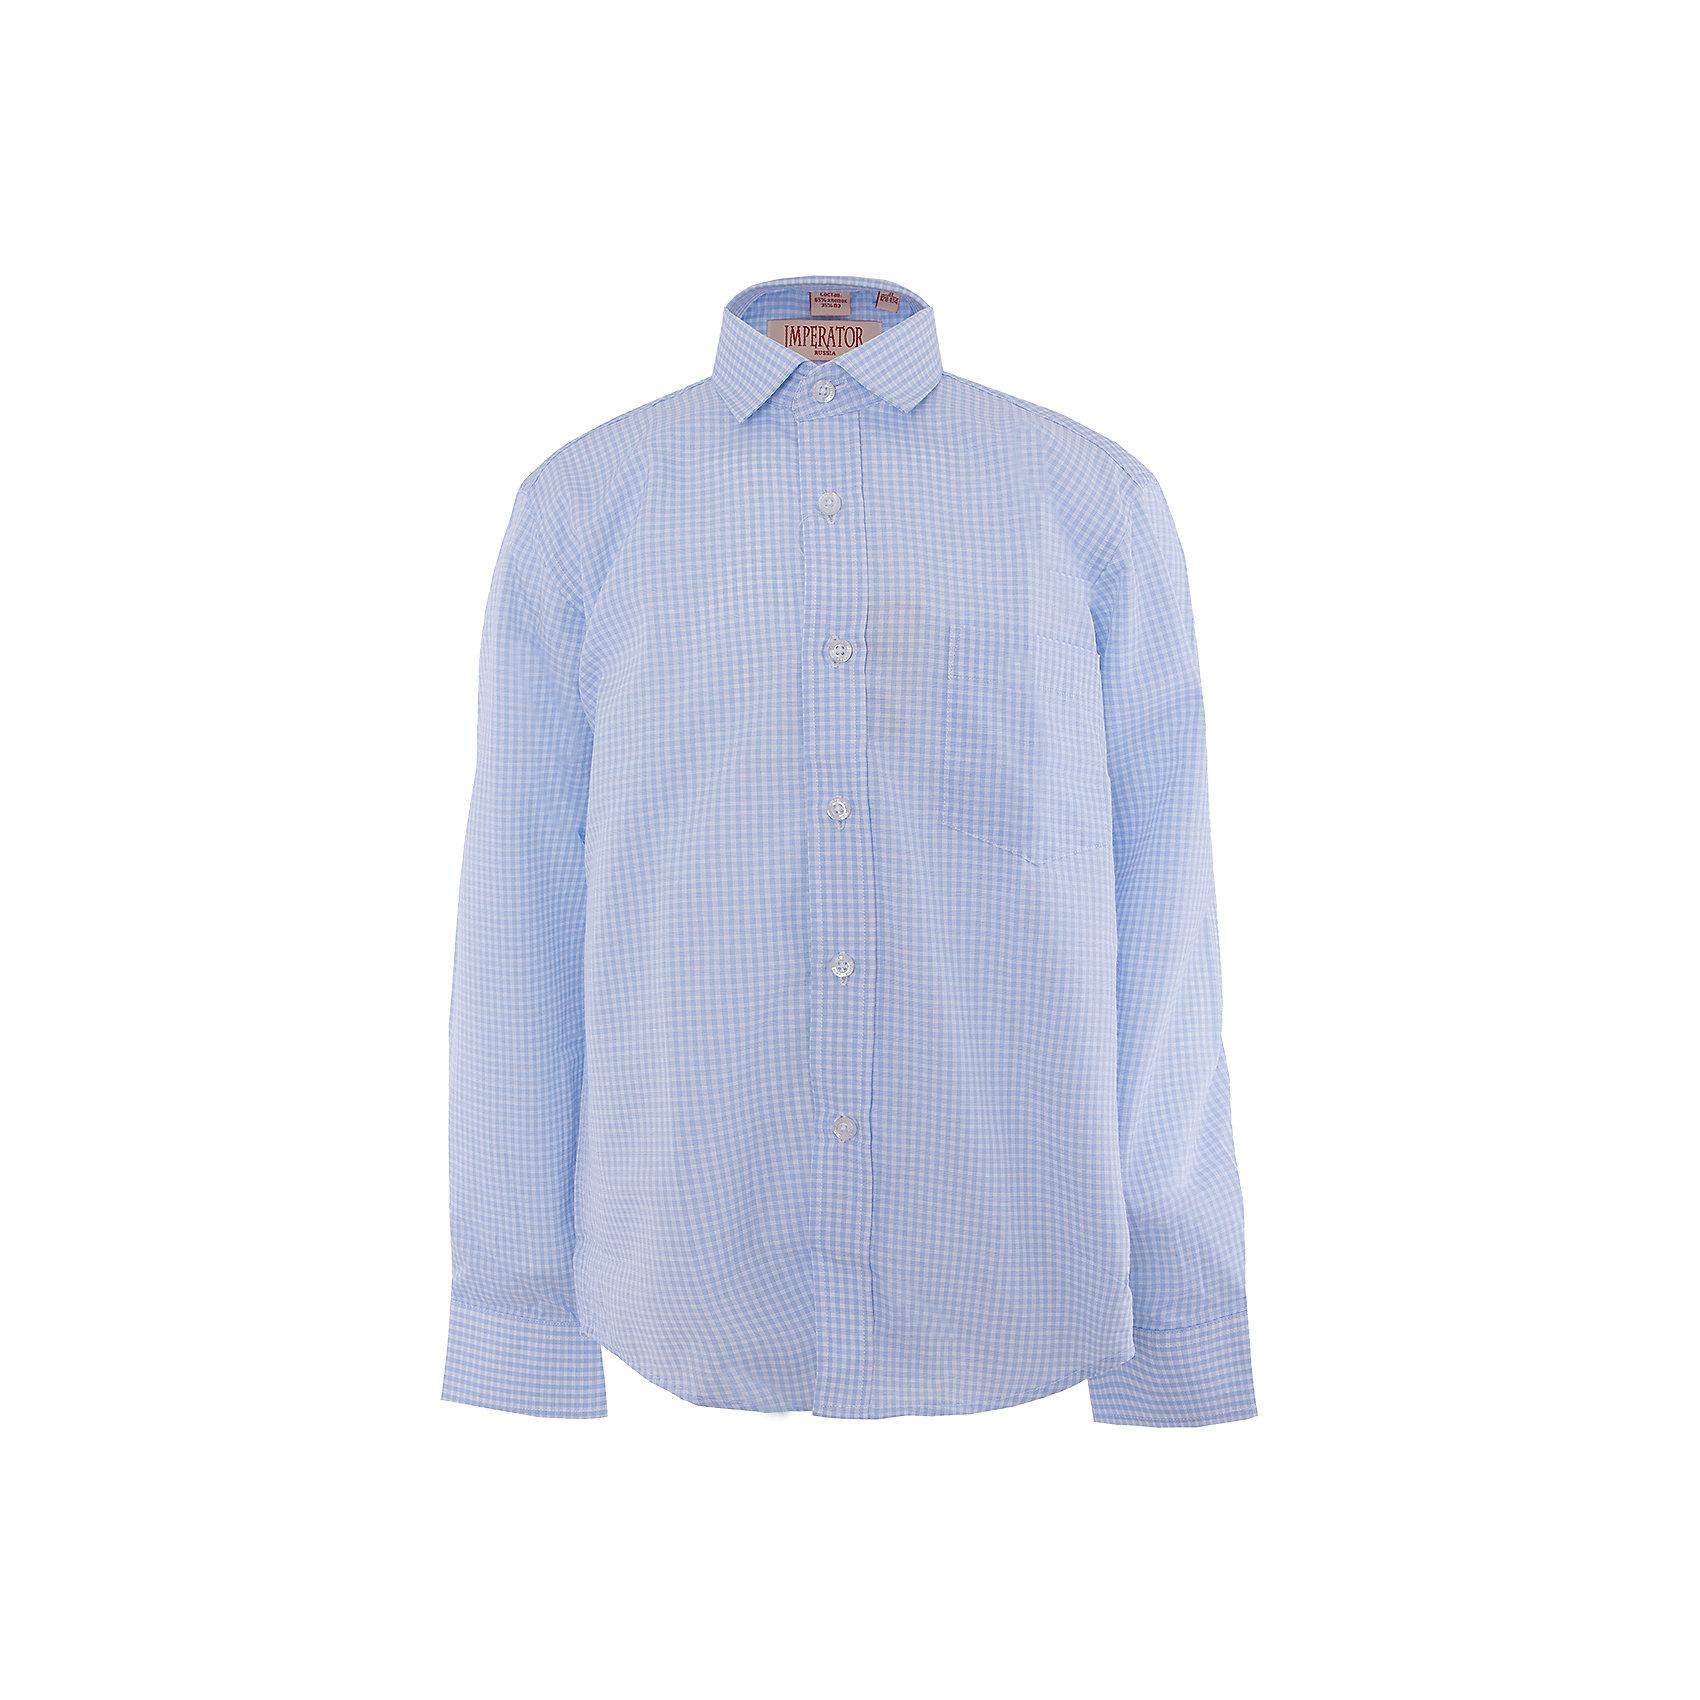 Рубашка для мальчика ImperatorБлузки и рубашки<br>Классическая рубашка - неотьемлемая вещь в гардеробе. Модель на пуговицах, с отложным воротником. Свободный покрой не стеснит движений и позволит чувствовать себя комфортно каждый день.  Состав 65 % хл. 35% П/Э<br><br>Ширина мм: 174<br>Глубина мм: 10<br>Высота мм: 169<br>Вес г: 157<br>Цвет: голубой<br>Возраст от месяцев: 144<br>Возраст до месяцев: 156<br>Пол: Мужской<br>Возраст: Детский<br>Размер: 122/128,152/158,164/170,128/134,134/140,140/146,146/152,158/164<br>SKU: 4749436